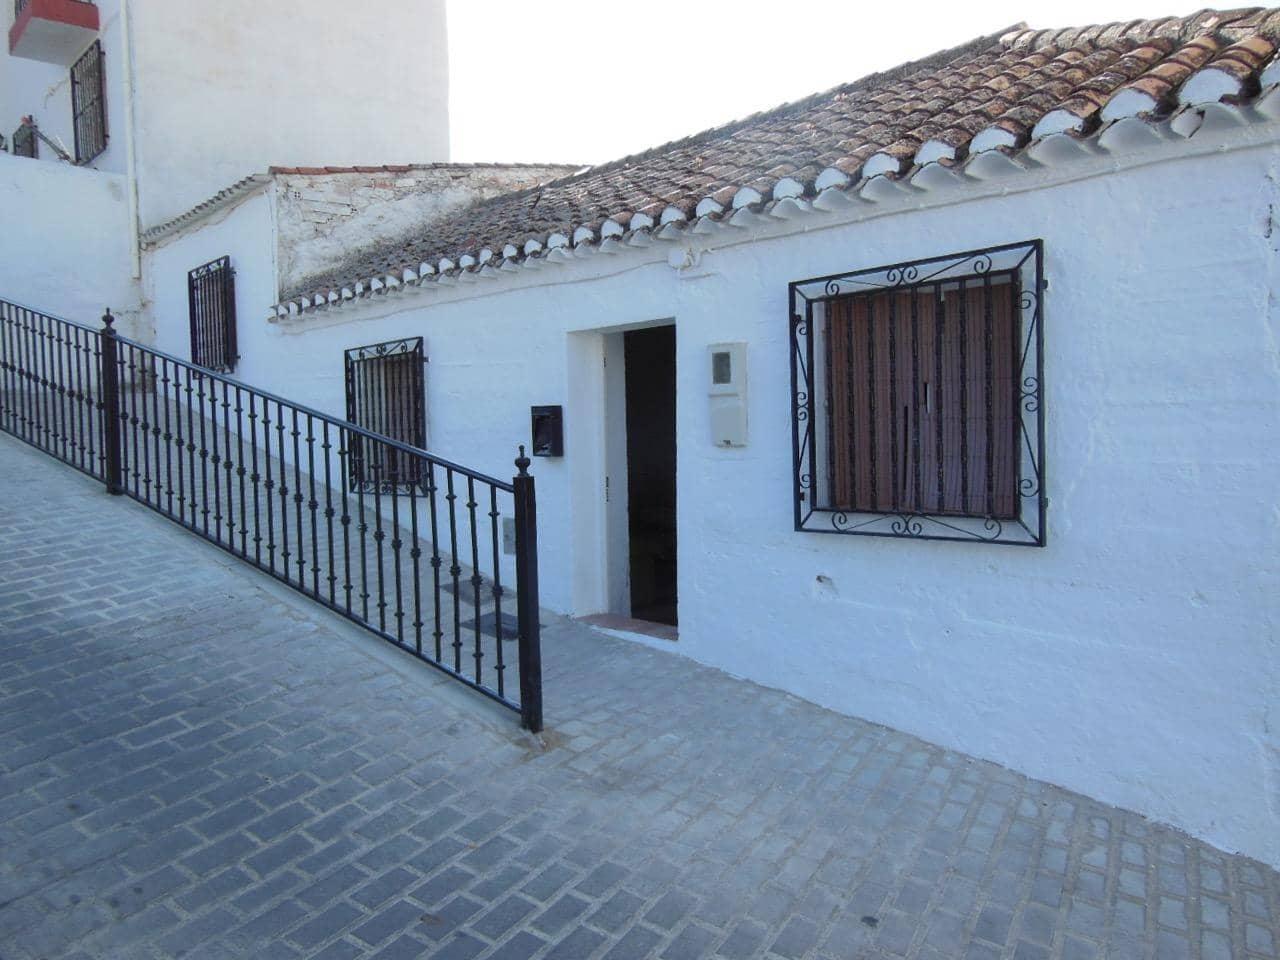 2 sovrum Finca/Hus på landet till salu i Illora - 29 900 € (Ref: 4139797)